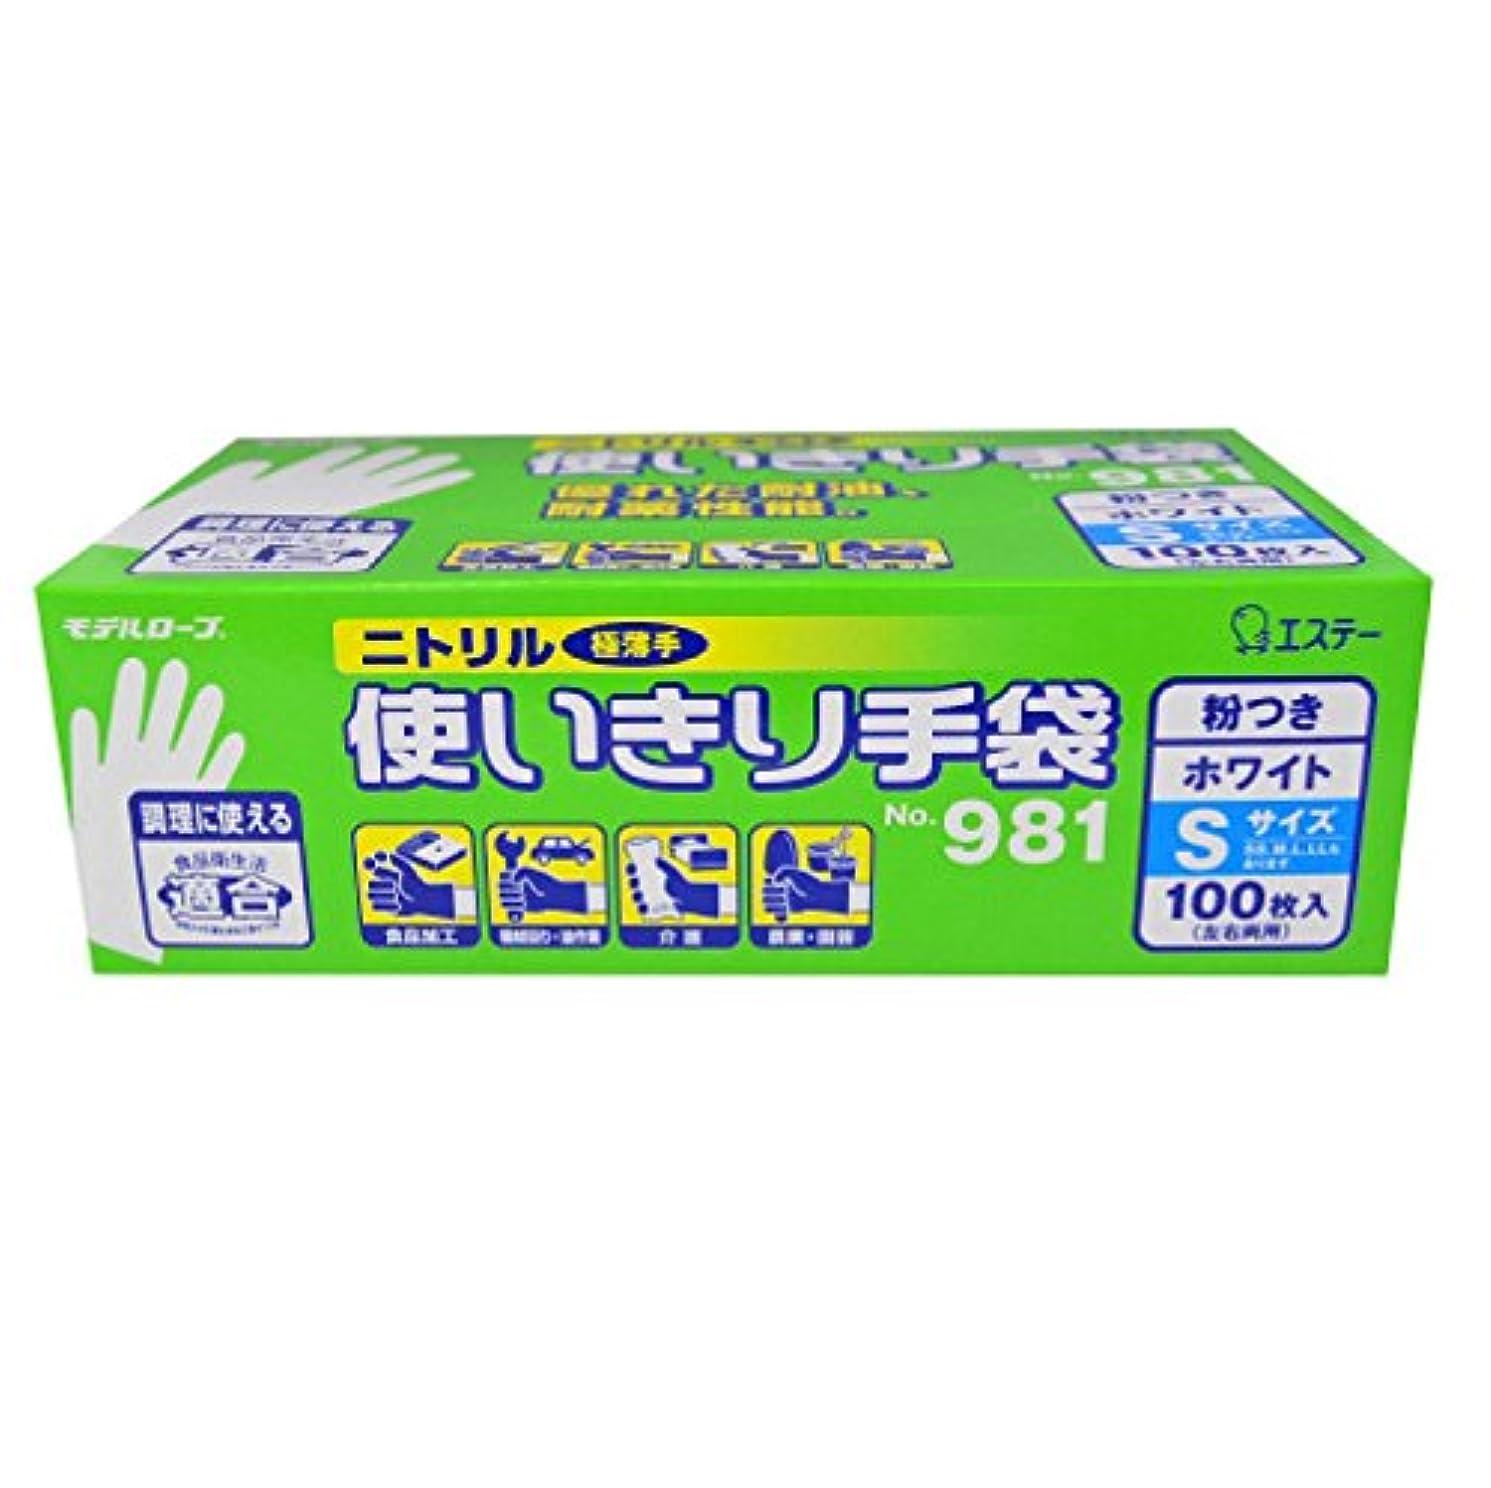 兵器庫かみそり隠すエステー/ニトリル使いきり手袋 箱入 (粉つき) [100枚入]/品番:981 サイズ:S カラー:ブルー